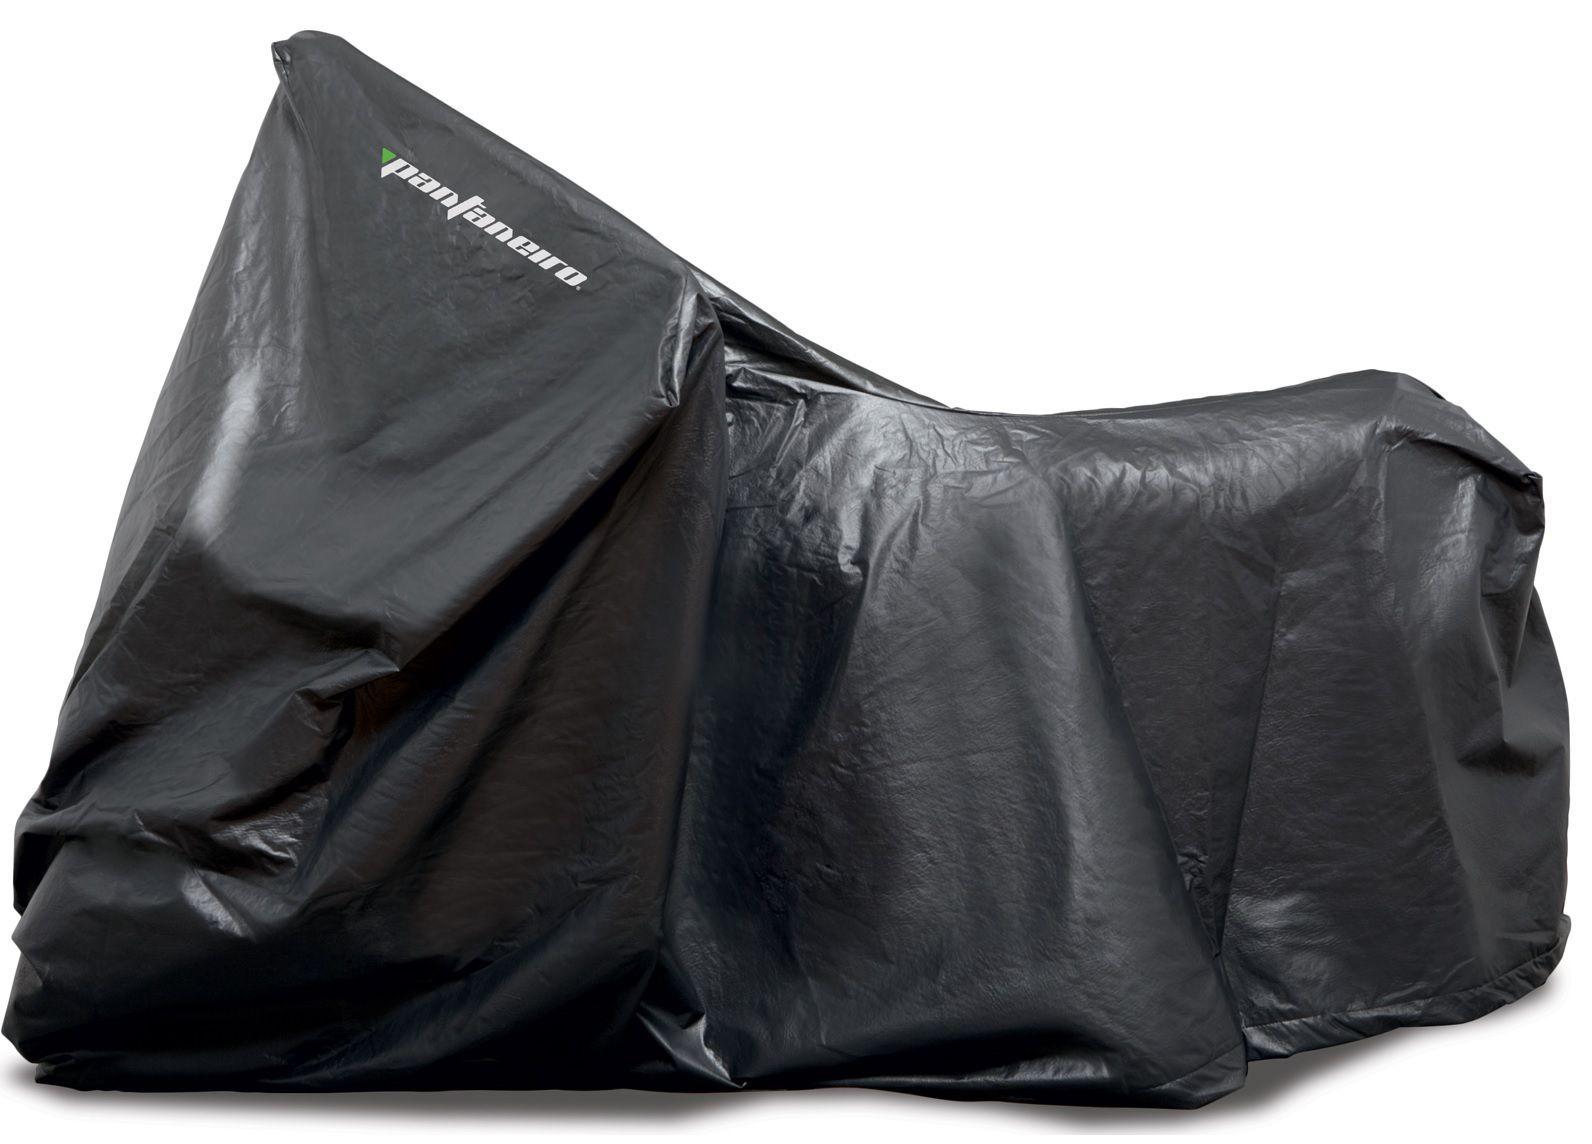 Capa para Cobrir Moto - Tam. GG - c/ Feltro - PVC - Pantaneiro